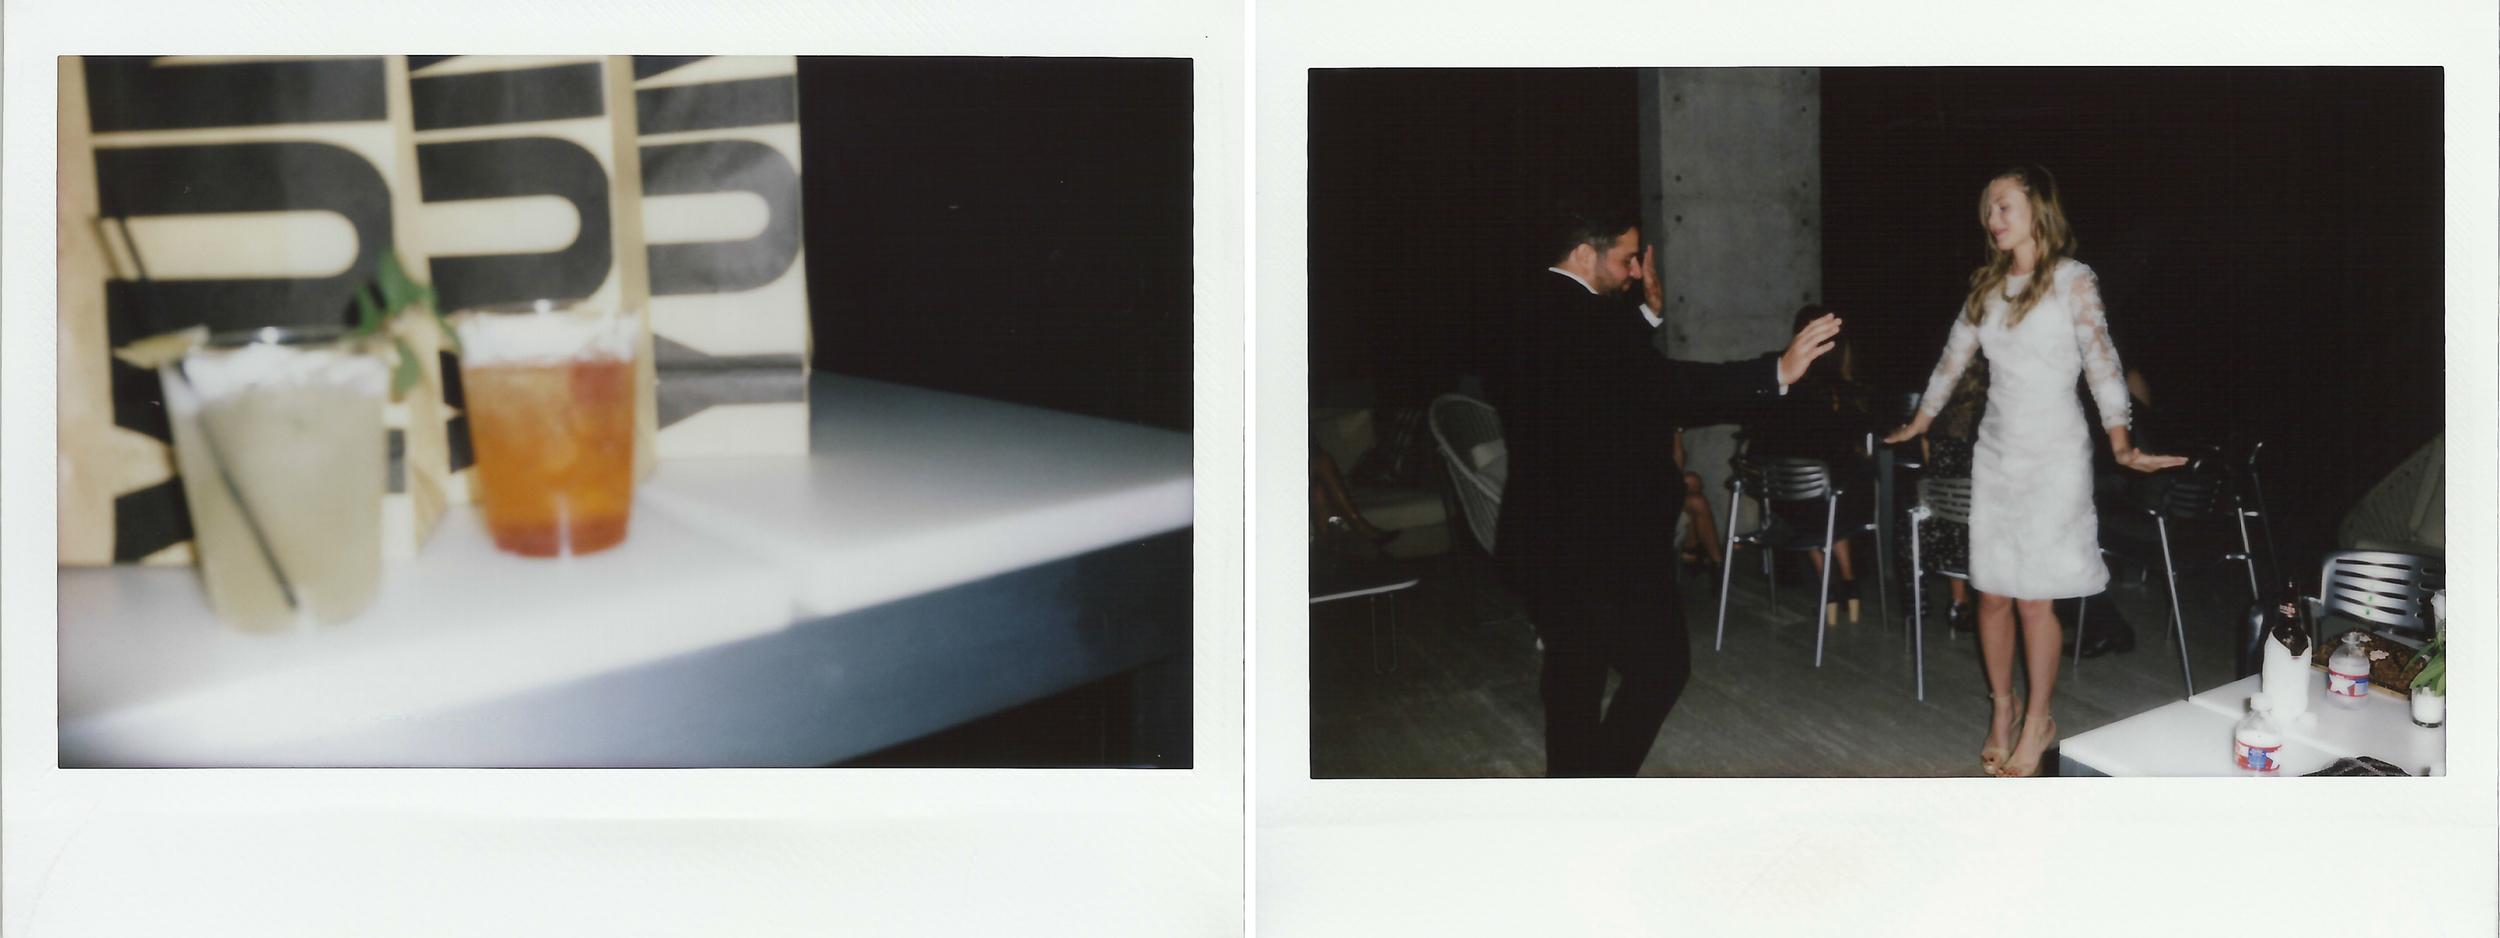 DallasWeddingPhotographer-Polaroid.jpg